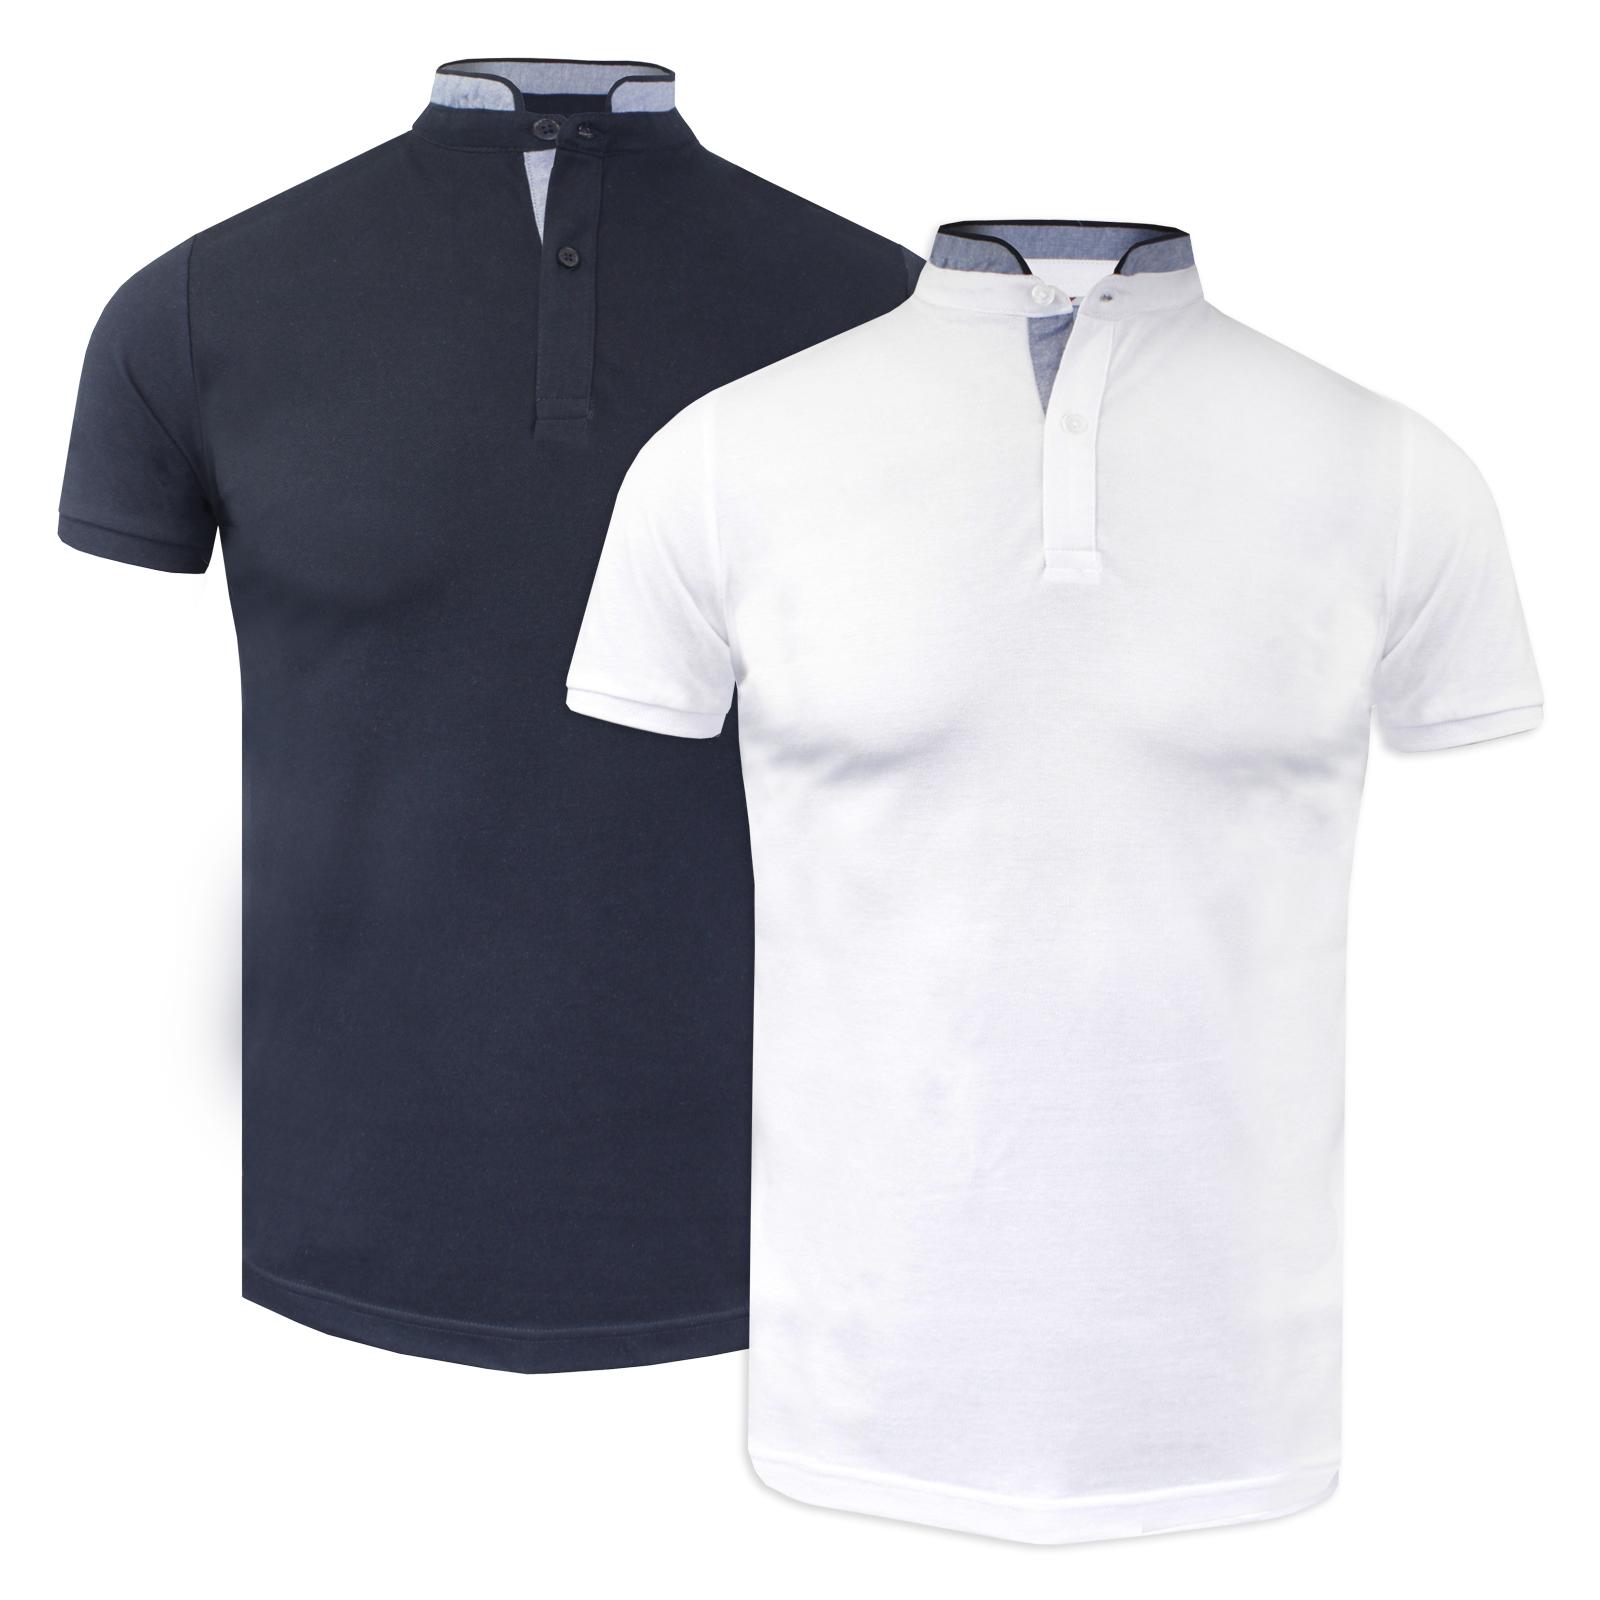 57e429f6 Details about Men's Brave Soul Pin Stripe Grandad Collar Cotton Polo Shirt  NEW SS18